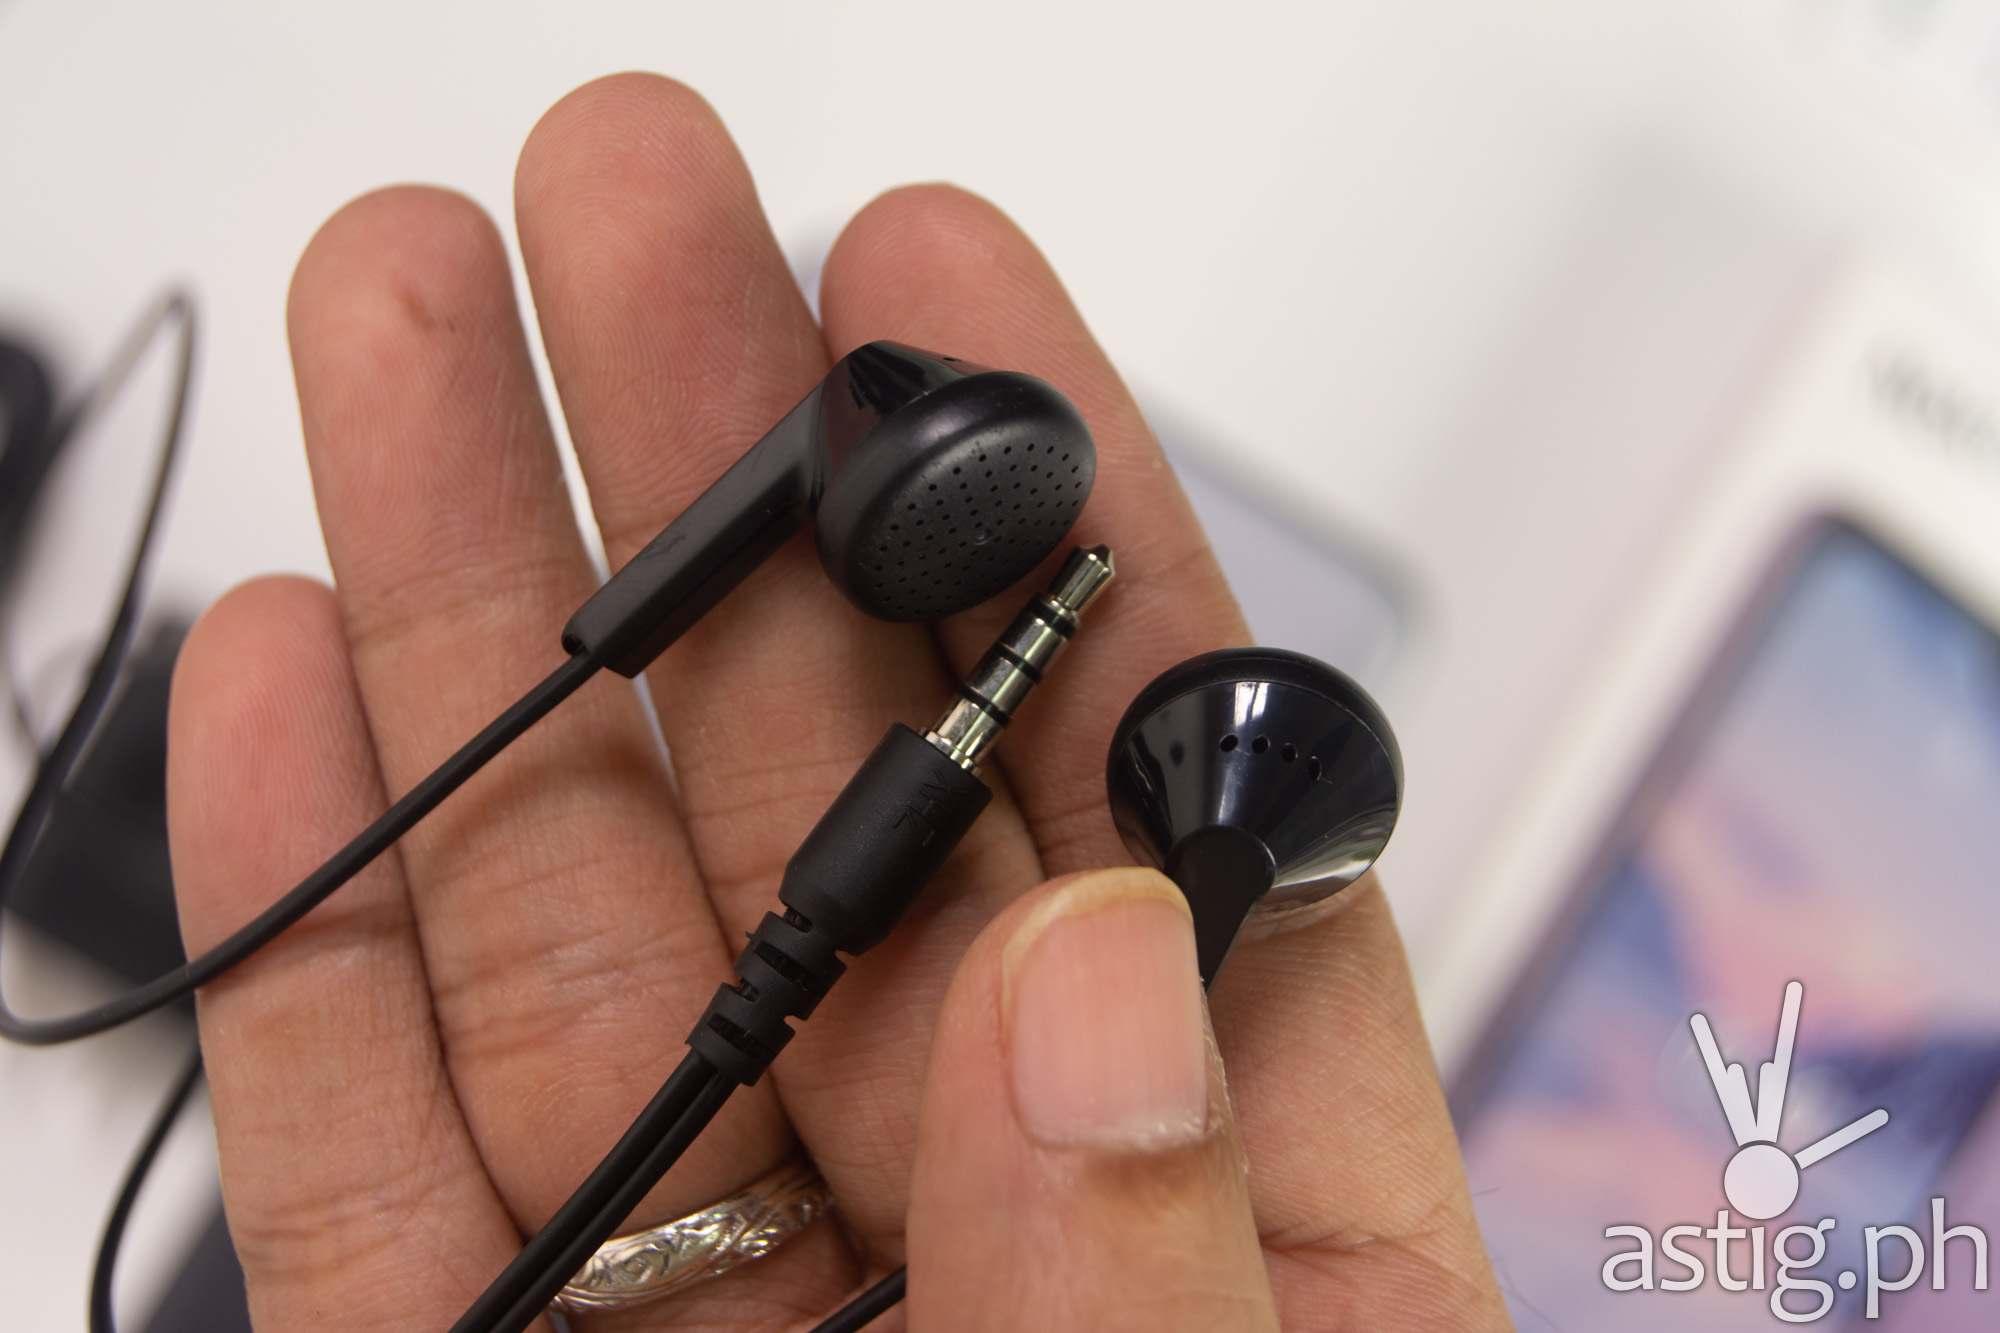 Headset - Nokia 2.4 (Philippines)